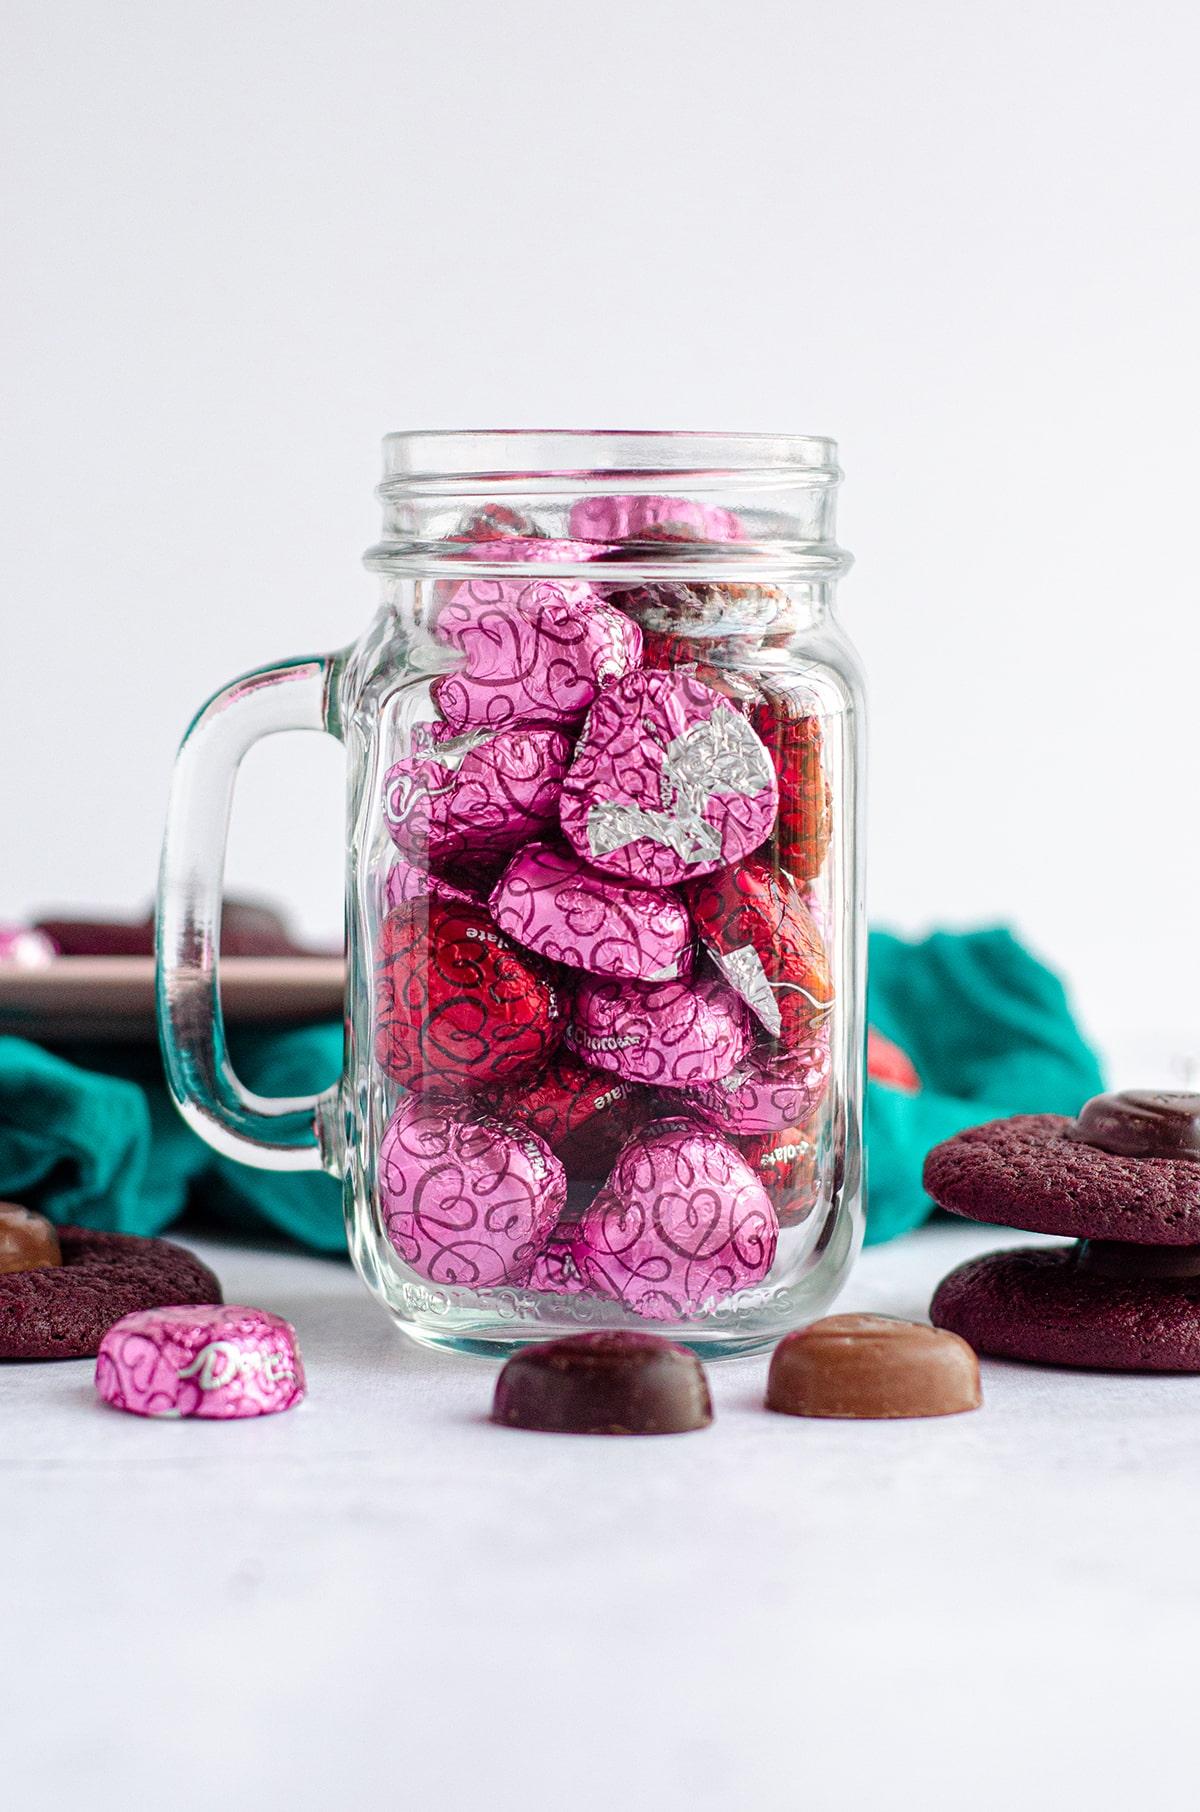 mason jar full of dove chocolate hearts